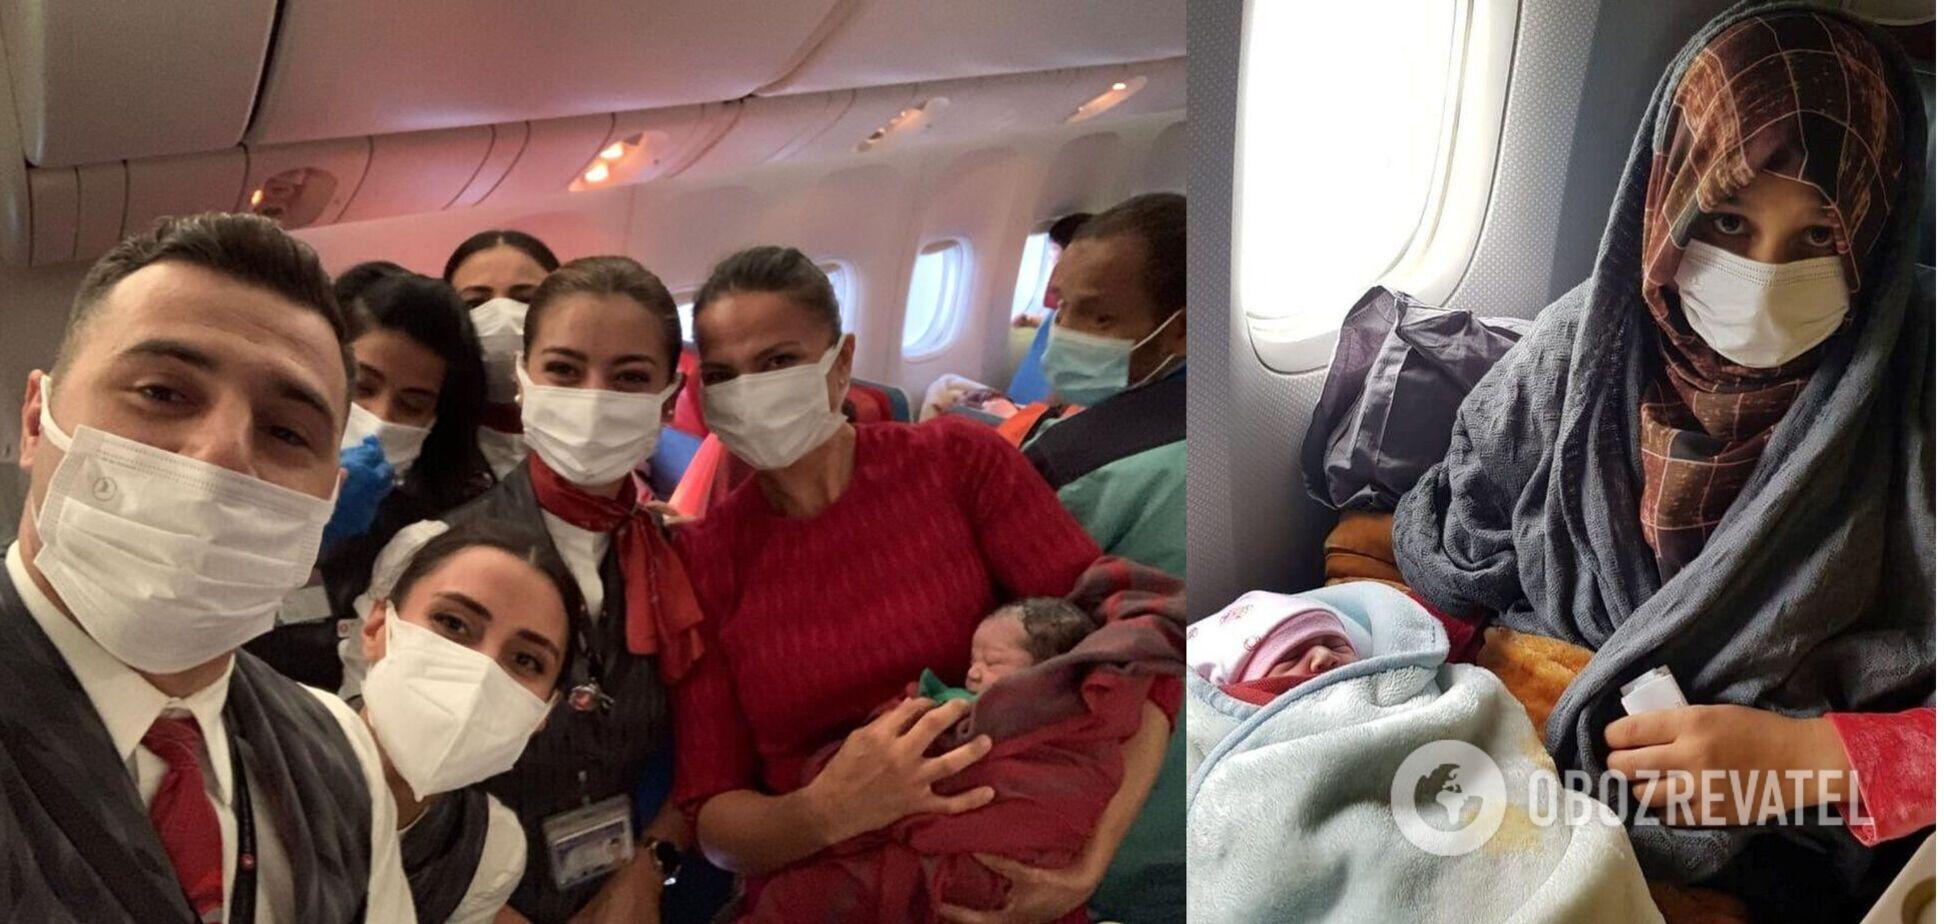 Афганська біженка народила під час евакуаційного рейсу: її маля побачило світ на висоті 9 км. Фото